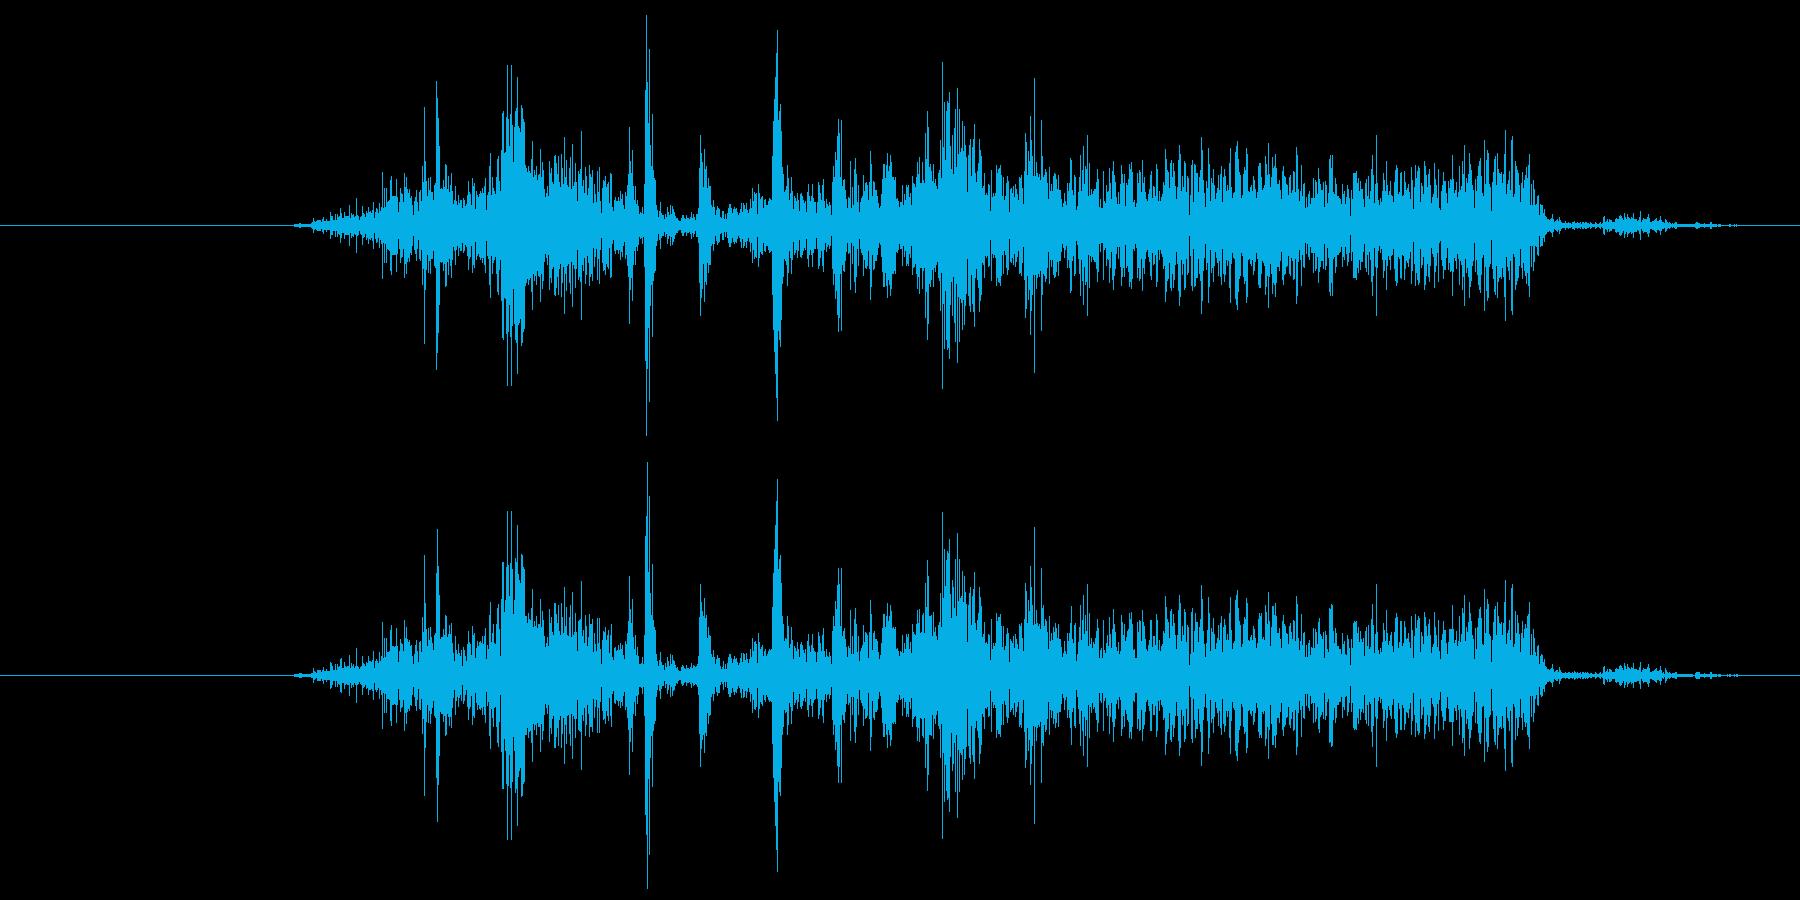 カメラのシャッター音1(カシー)の再生済みの波形